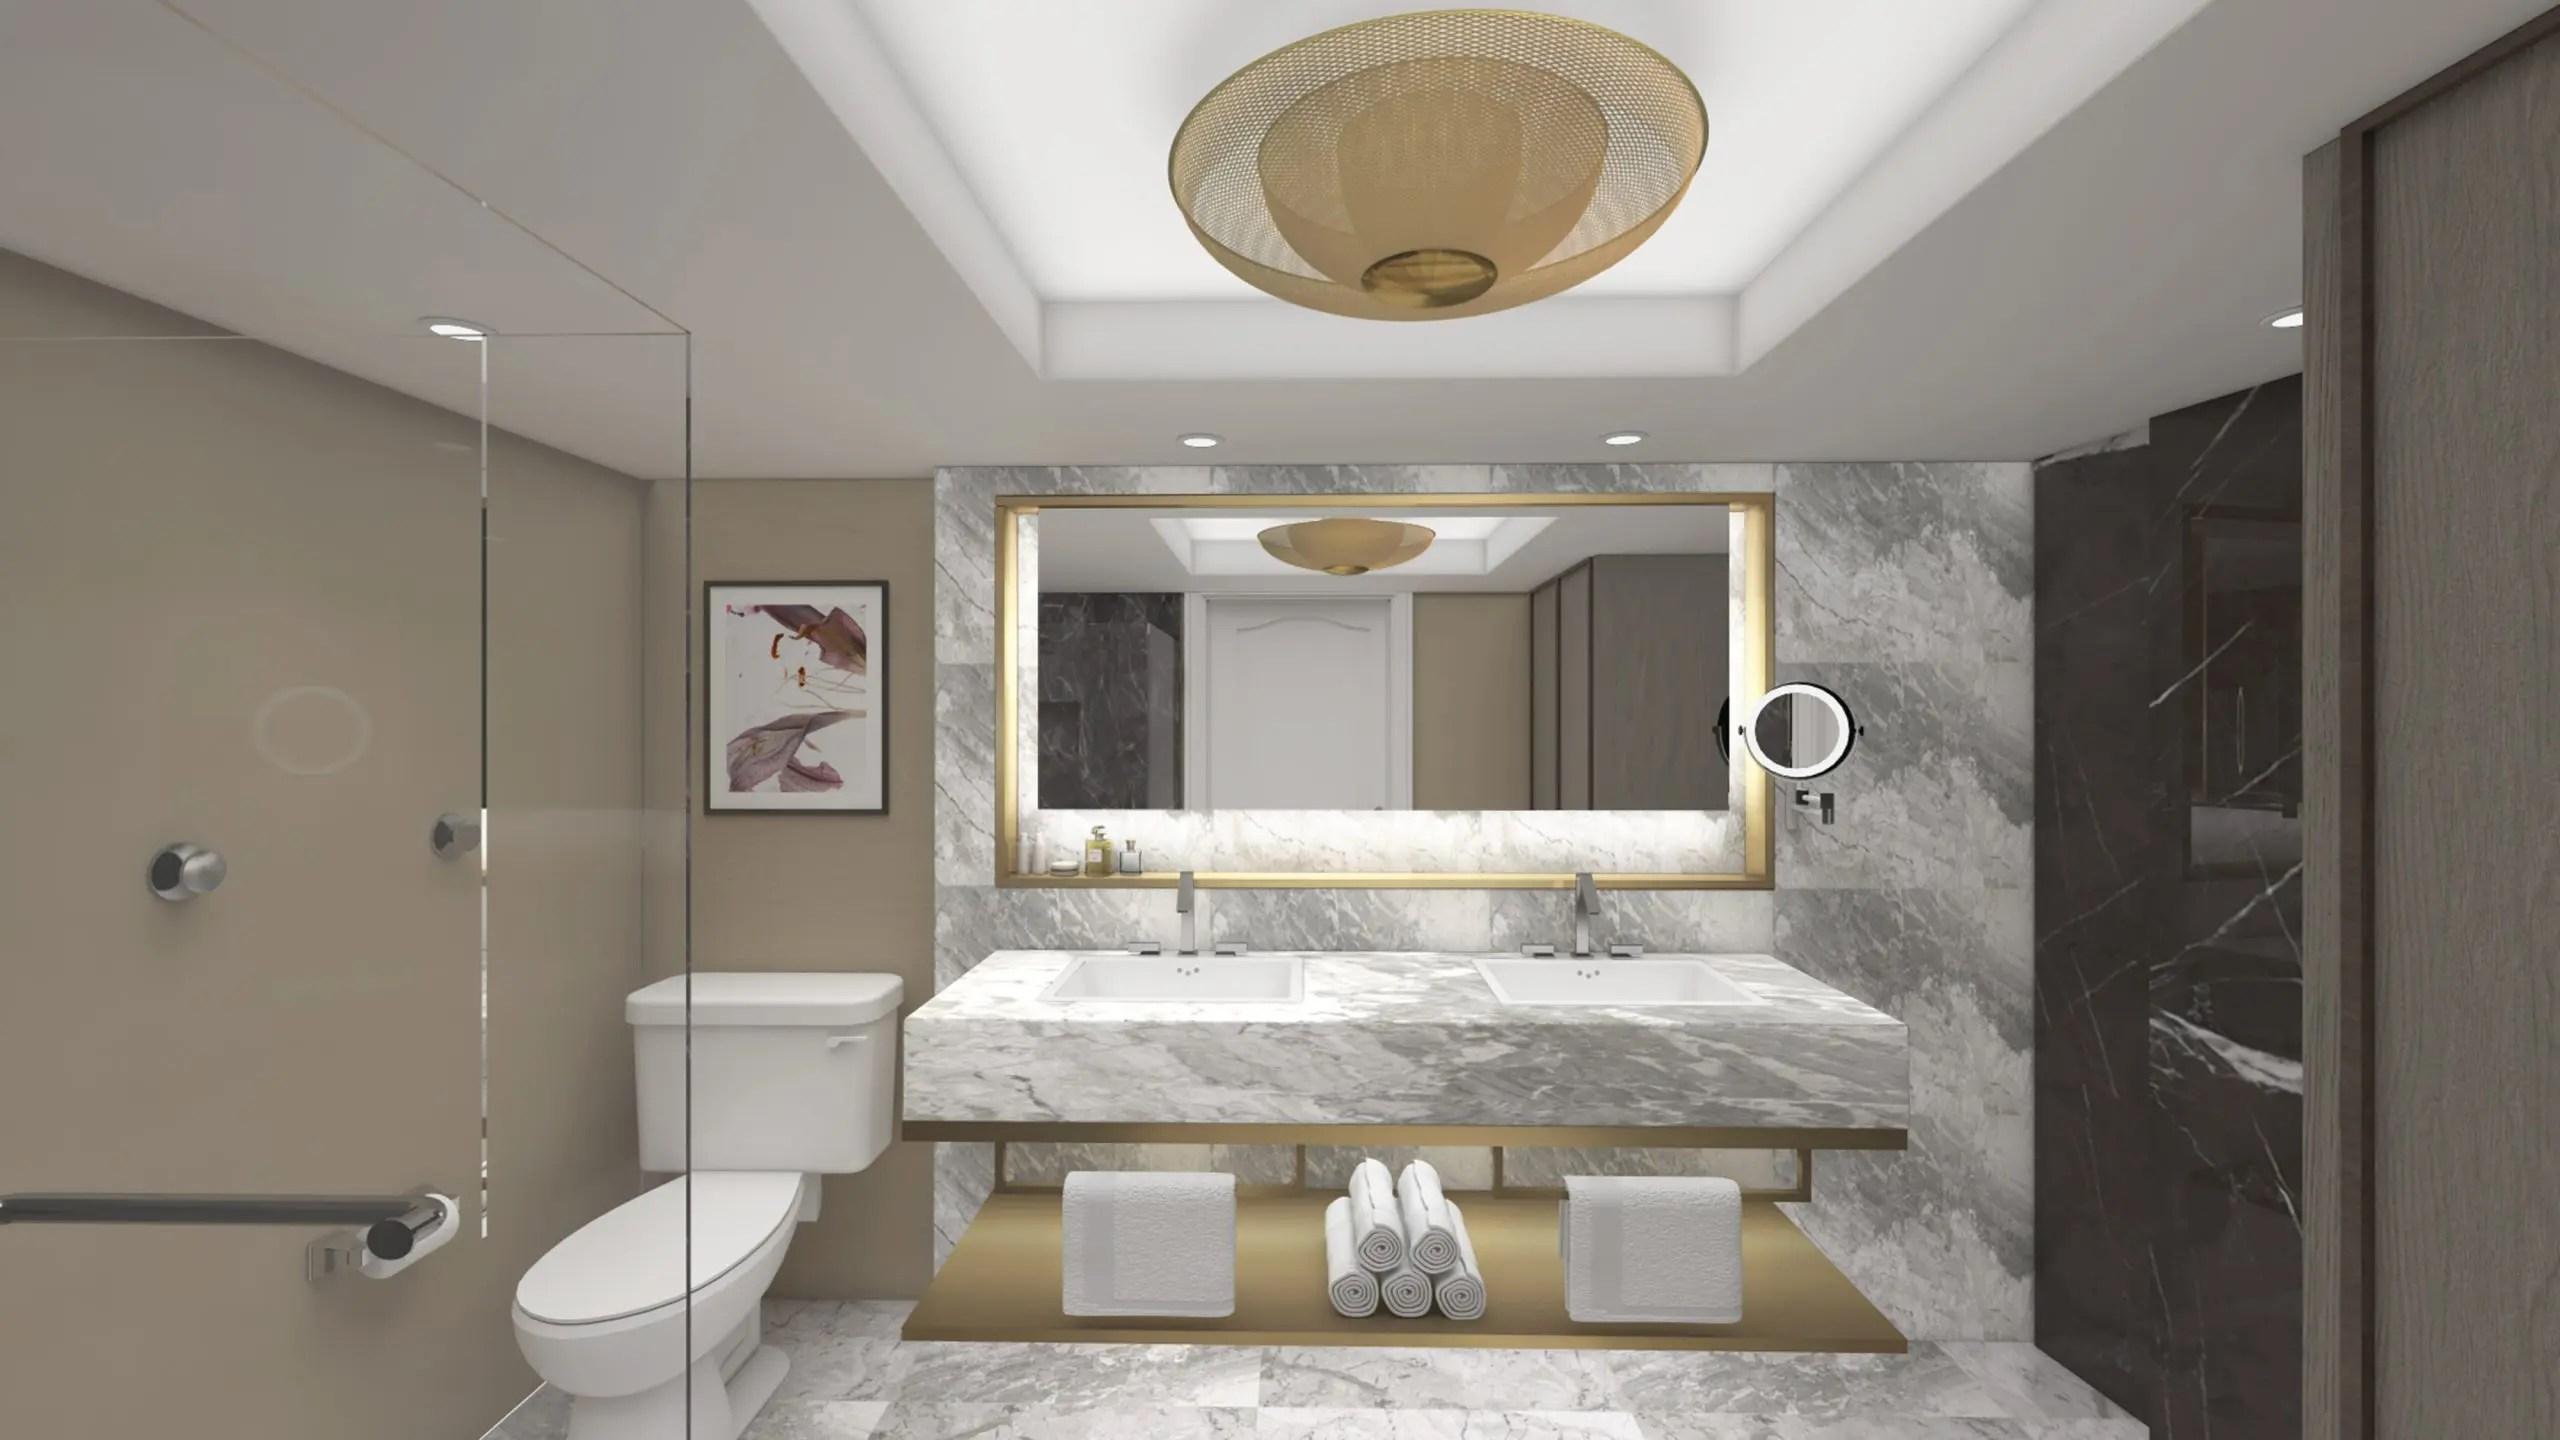 Bellagio Hotel Las Vegas Tower Suite Remodel Contour